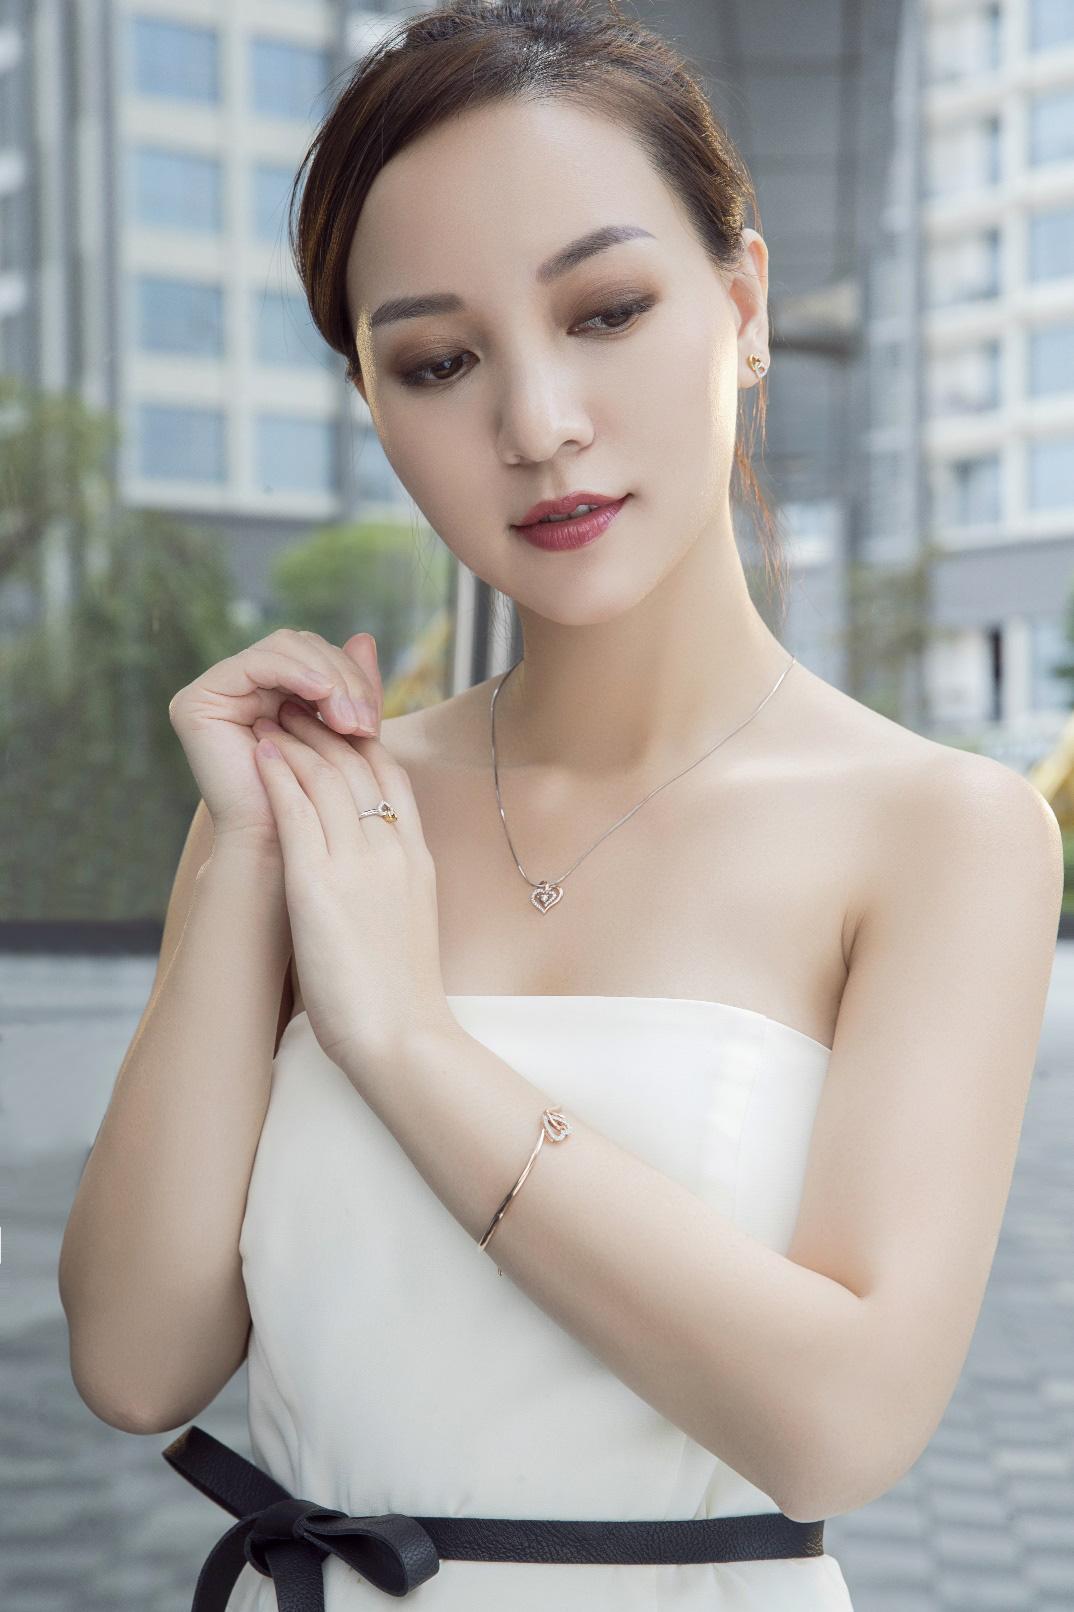 Prima Fine Jewelry giới thiệu sản phẩm vàng 18K và kim cương cho phái đẹp - Ảnh 3.